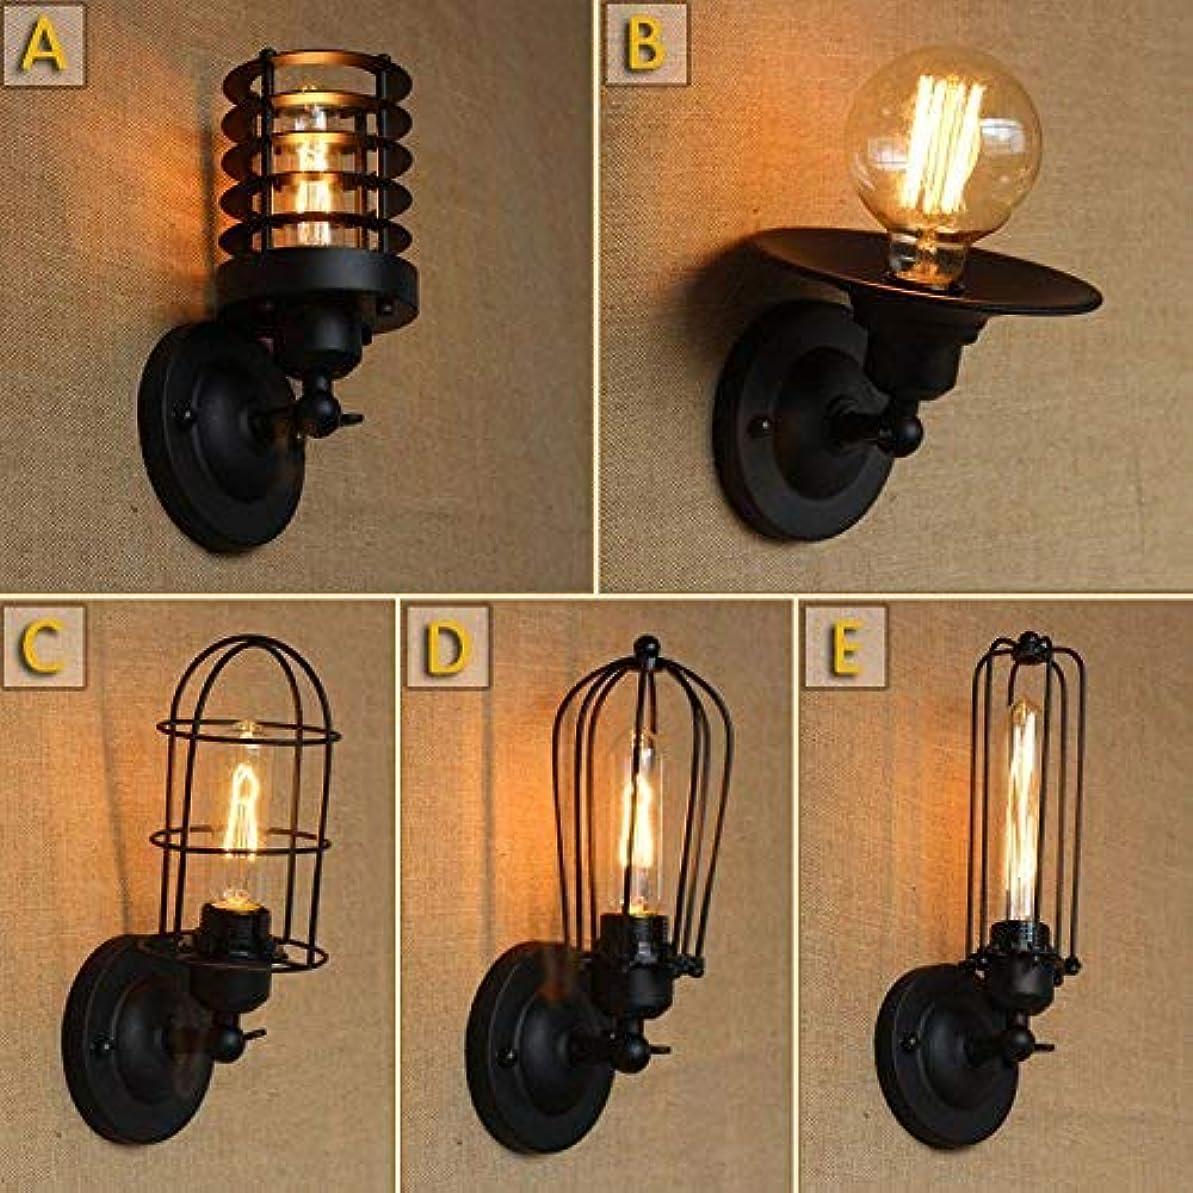 相関する苦痛動作壁面ライト, 110-220Vウォールライトウォールマウントライト燭台高齢スチール仕上げランプ、スタイル AI LI WEI (Color : B Style)